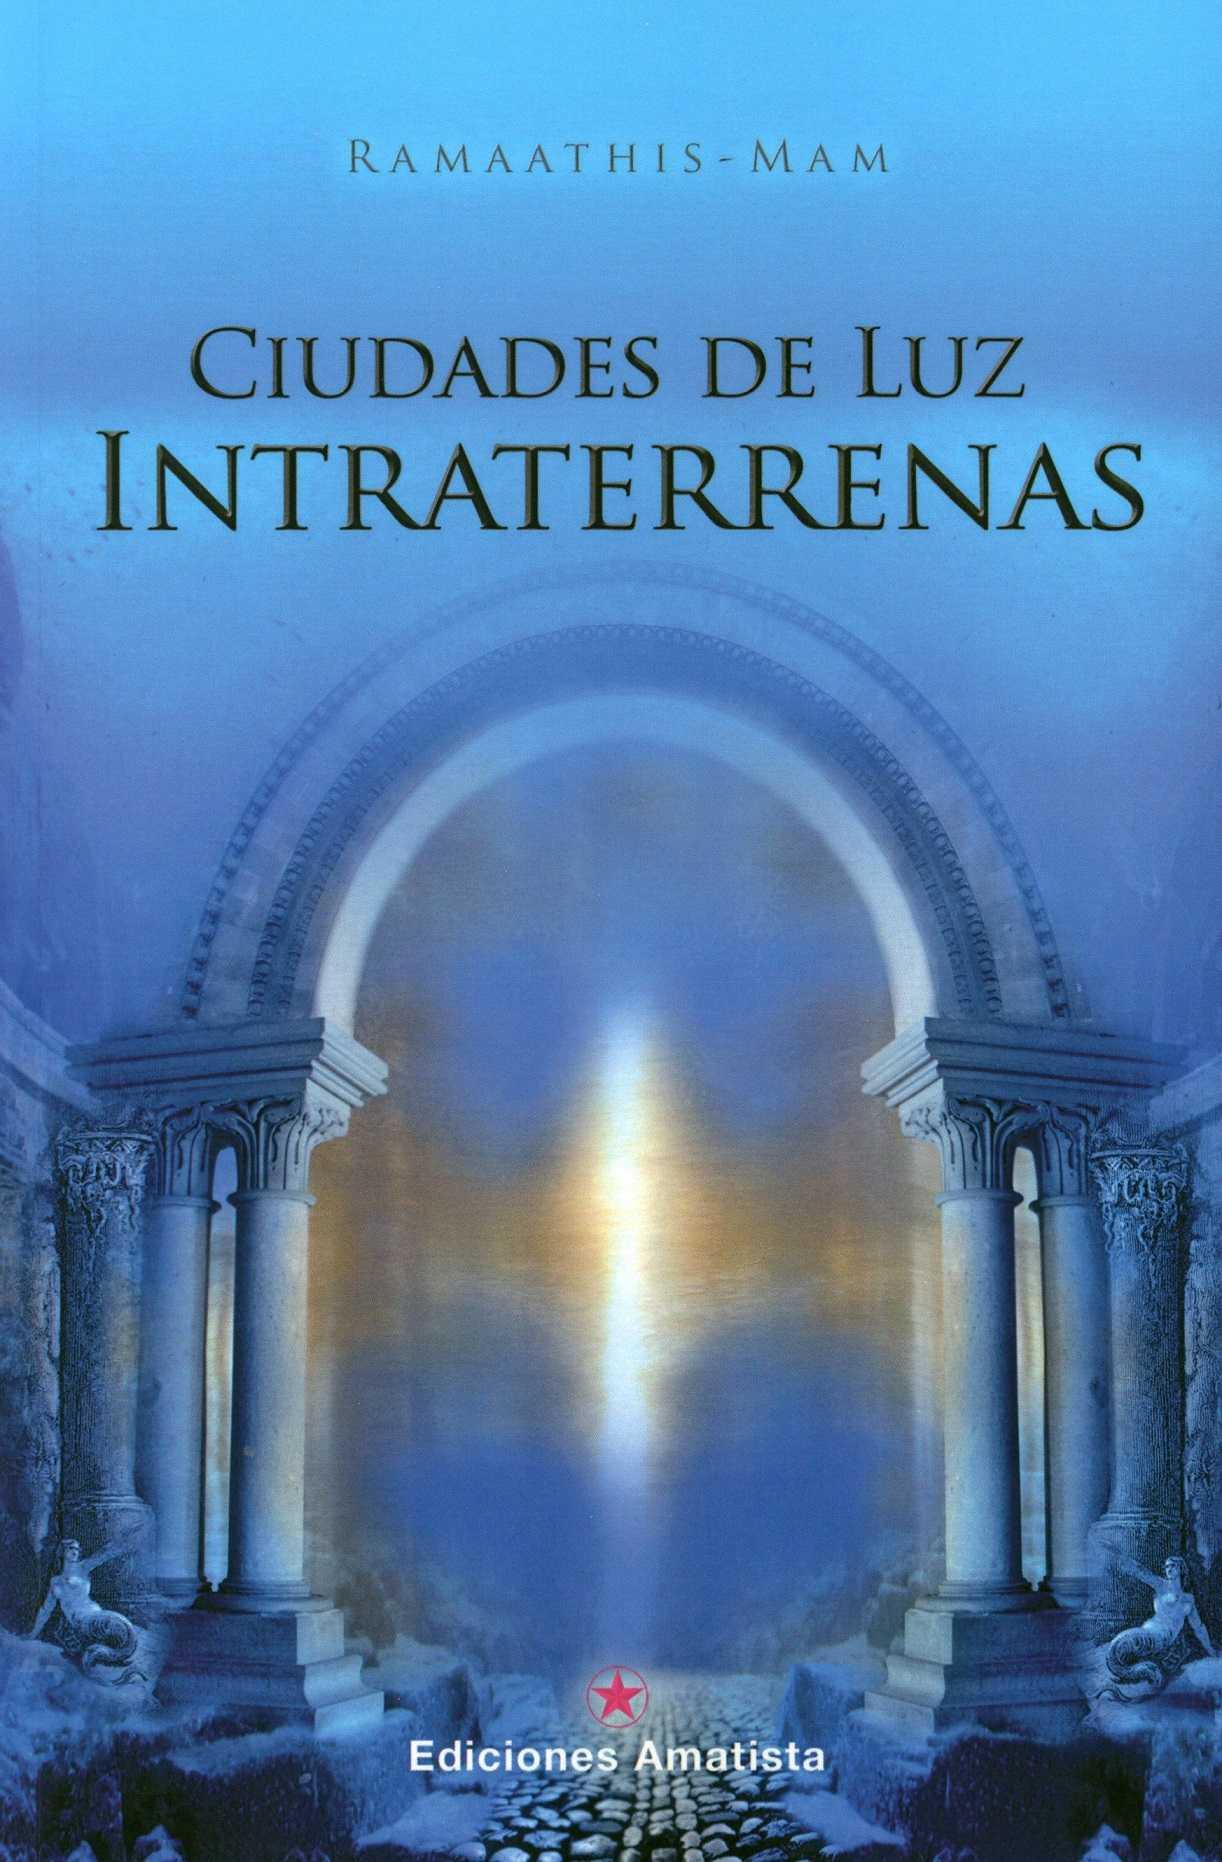 CIUDADES DE LUZ INTRATERRENAS.